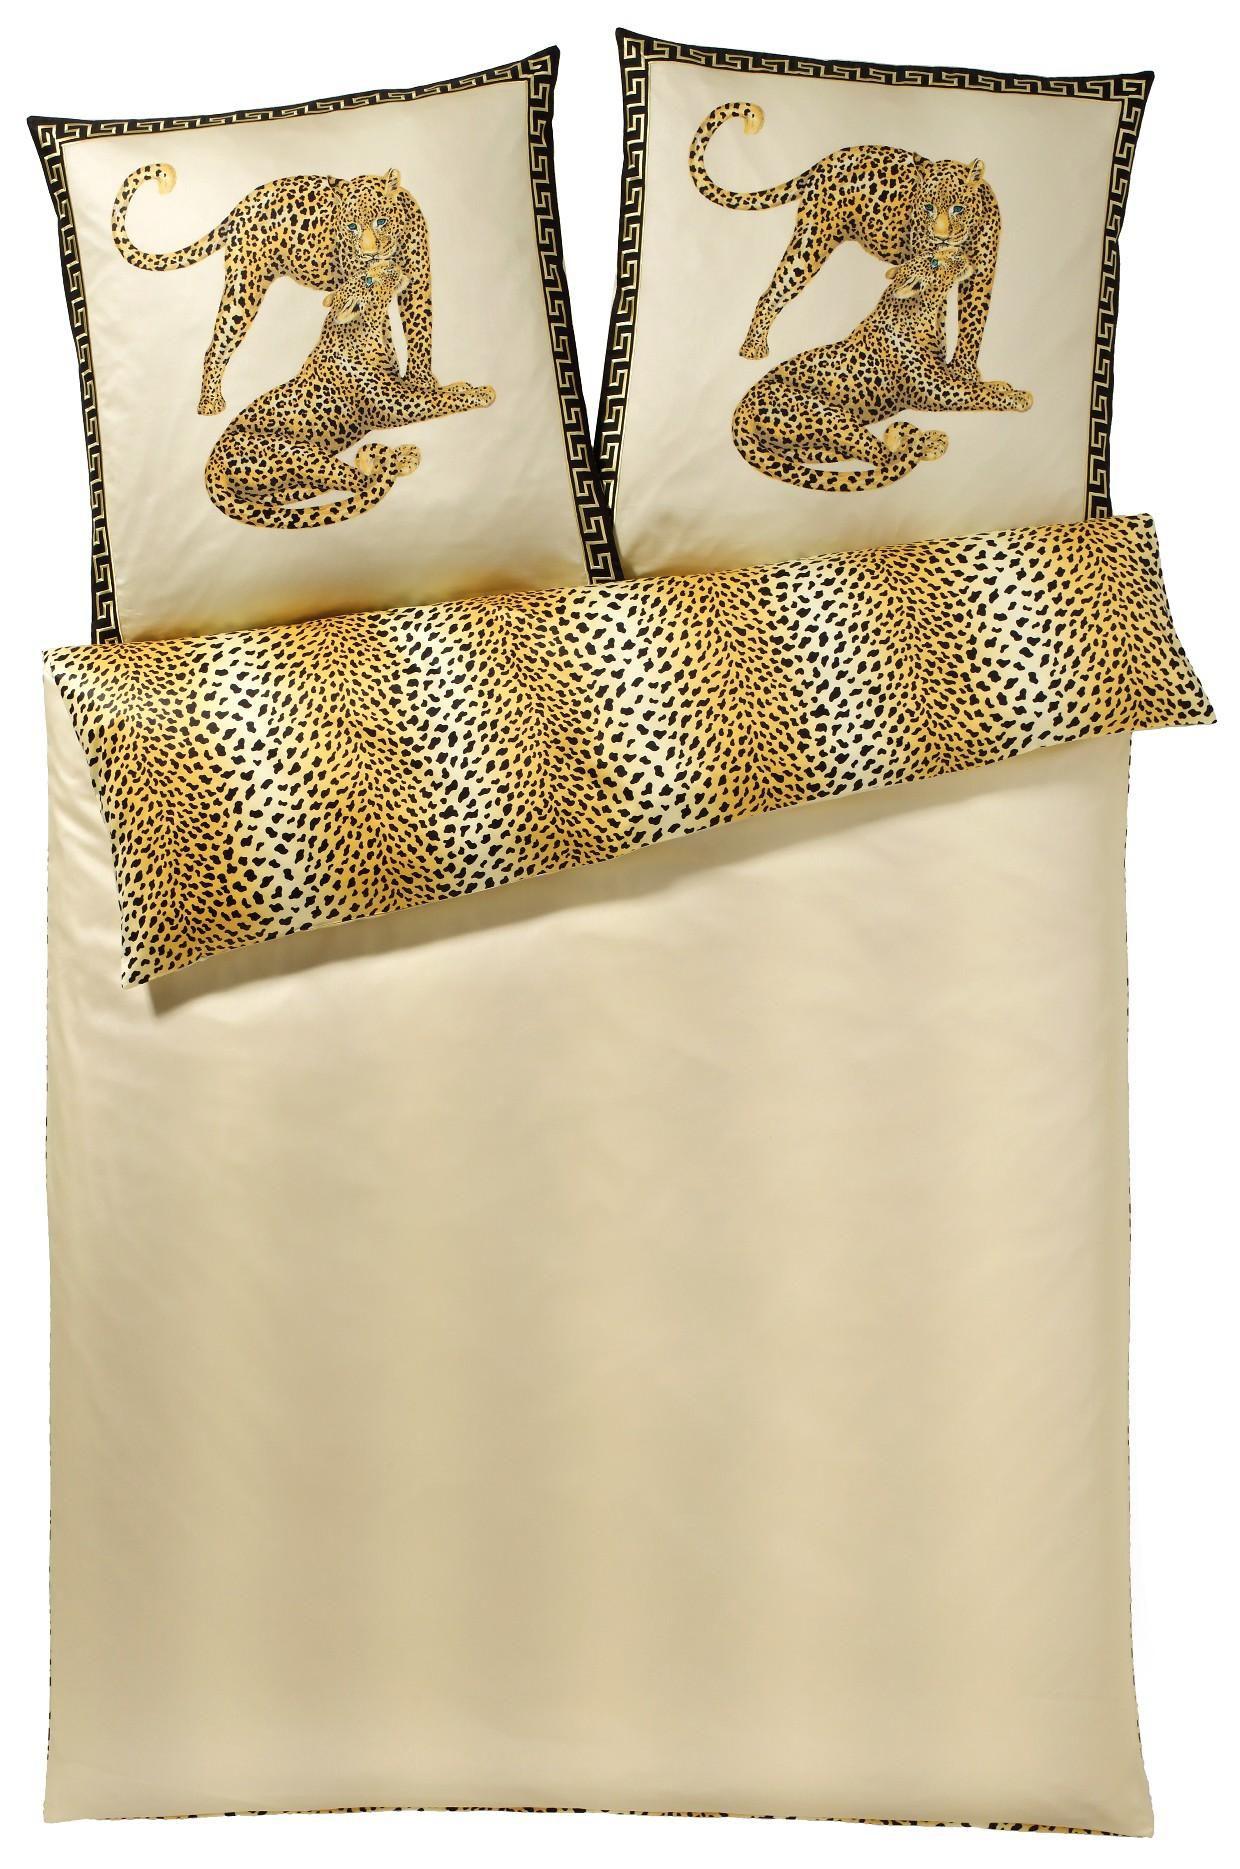 ELEGANTE Bettwäsche, elegante, »Gepard Pair«, mit Geparden